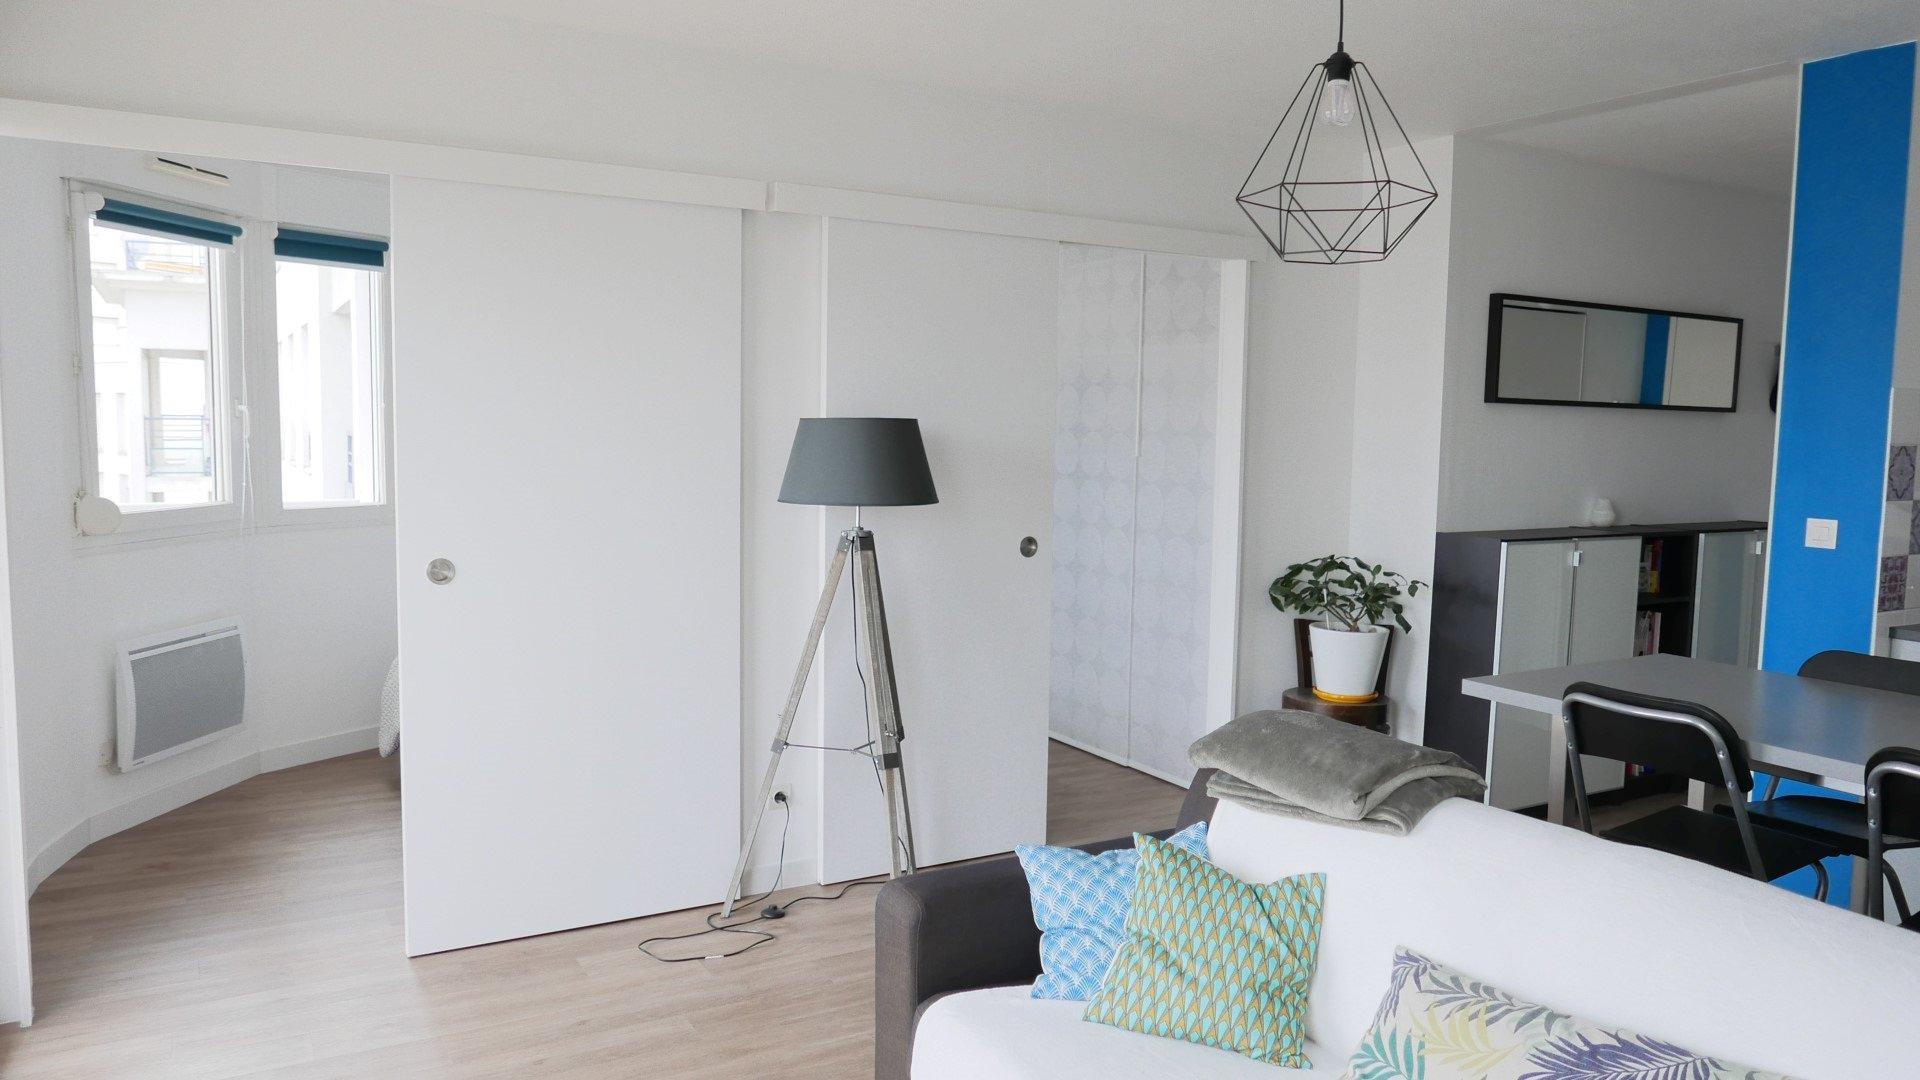 Achat Appartement, Surface de 40.85 m²/ Total carrez : 40 m², 2 pièces, Lyon 8ème (69008)